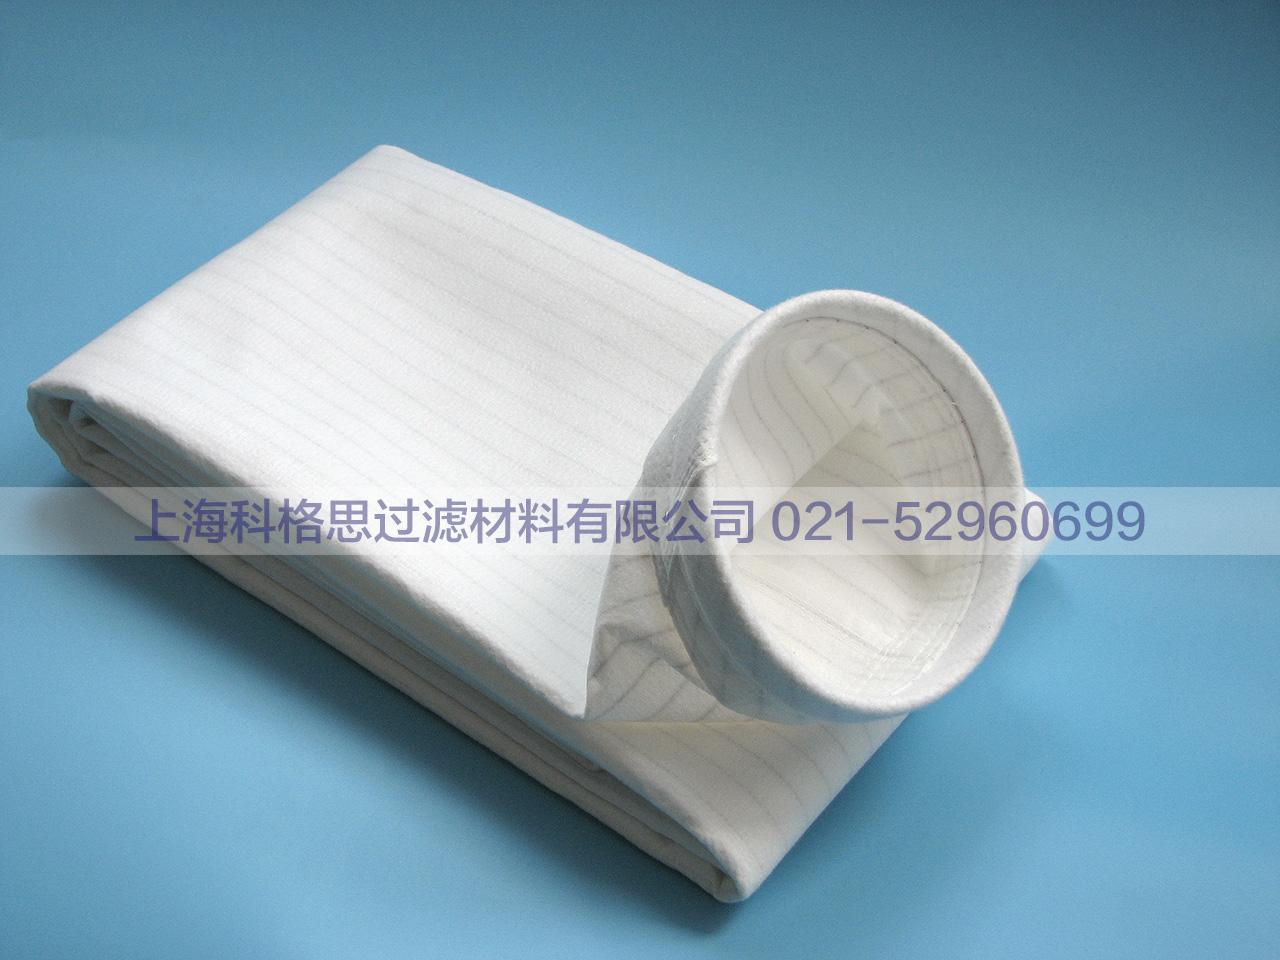 防静电滤袋除尘布袋涤纶条纹